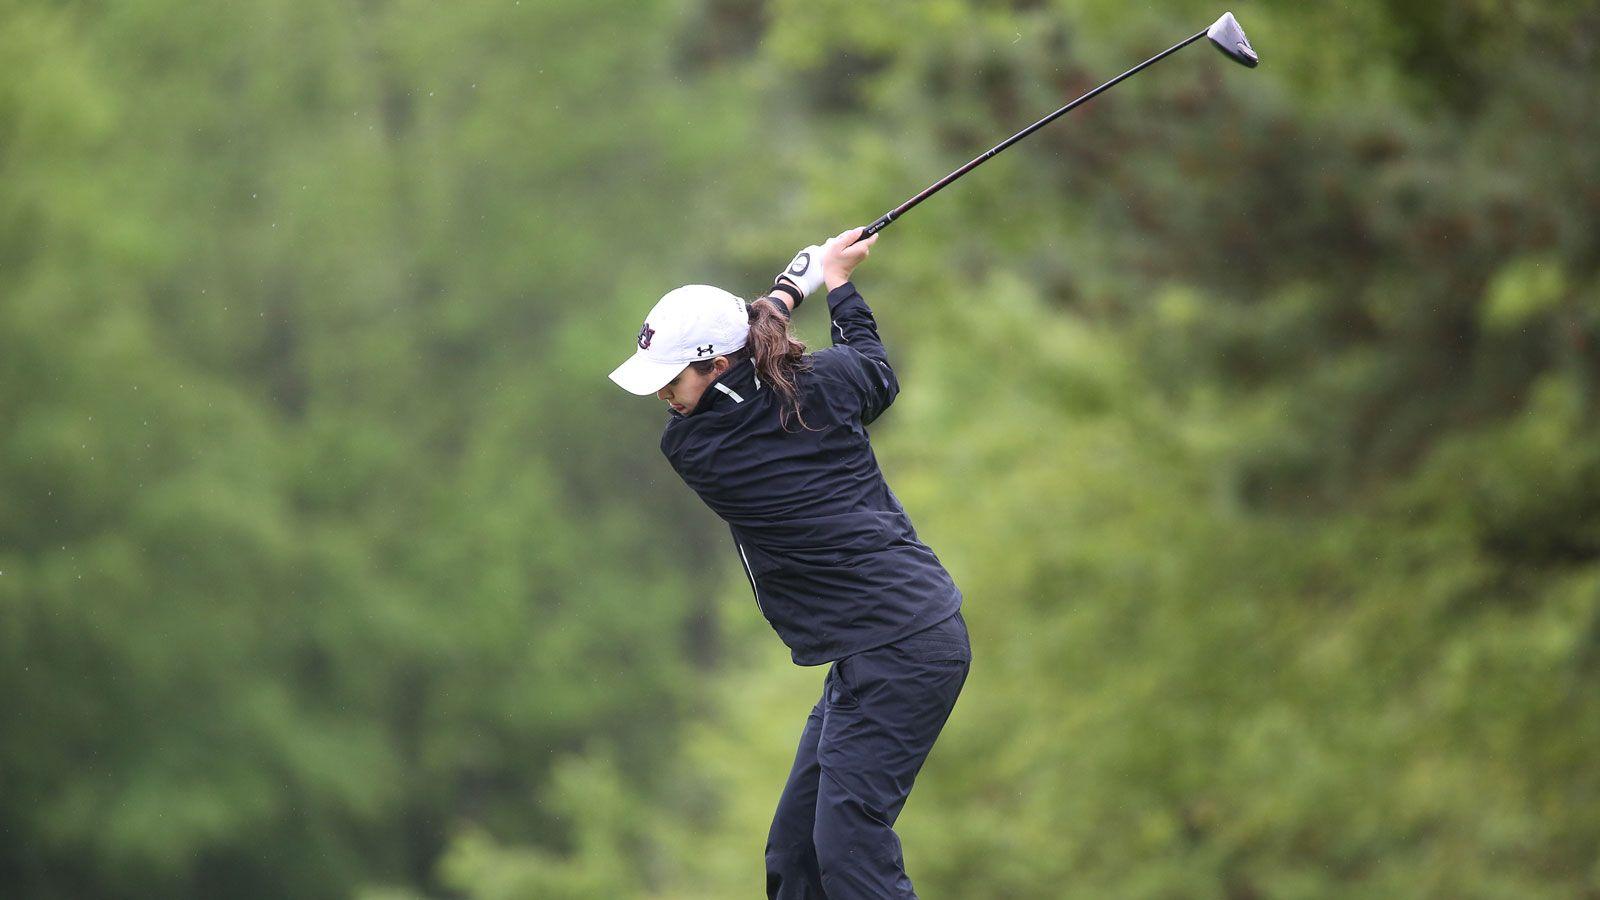 Luellen named Auburn women's golf coach